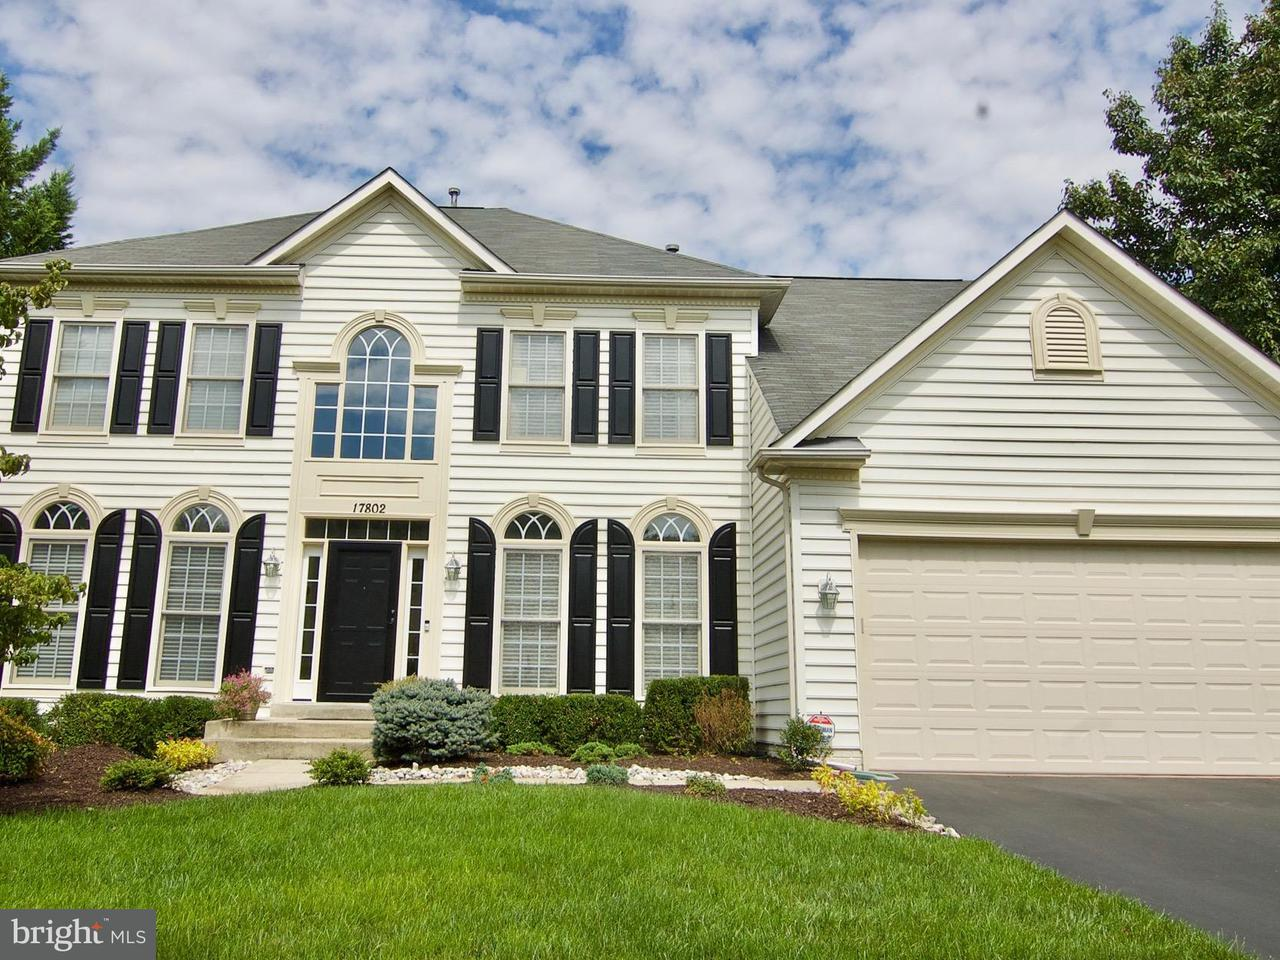 Частный односемейный дом для того Продажа на 17802 Cricket Hill Drive 17802 Cricket Hill Drive Germantown, Мэриленд 20874 Соединенные Штаты